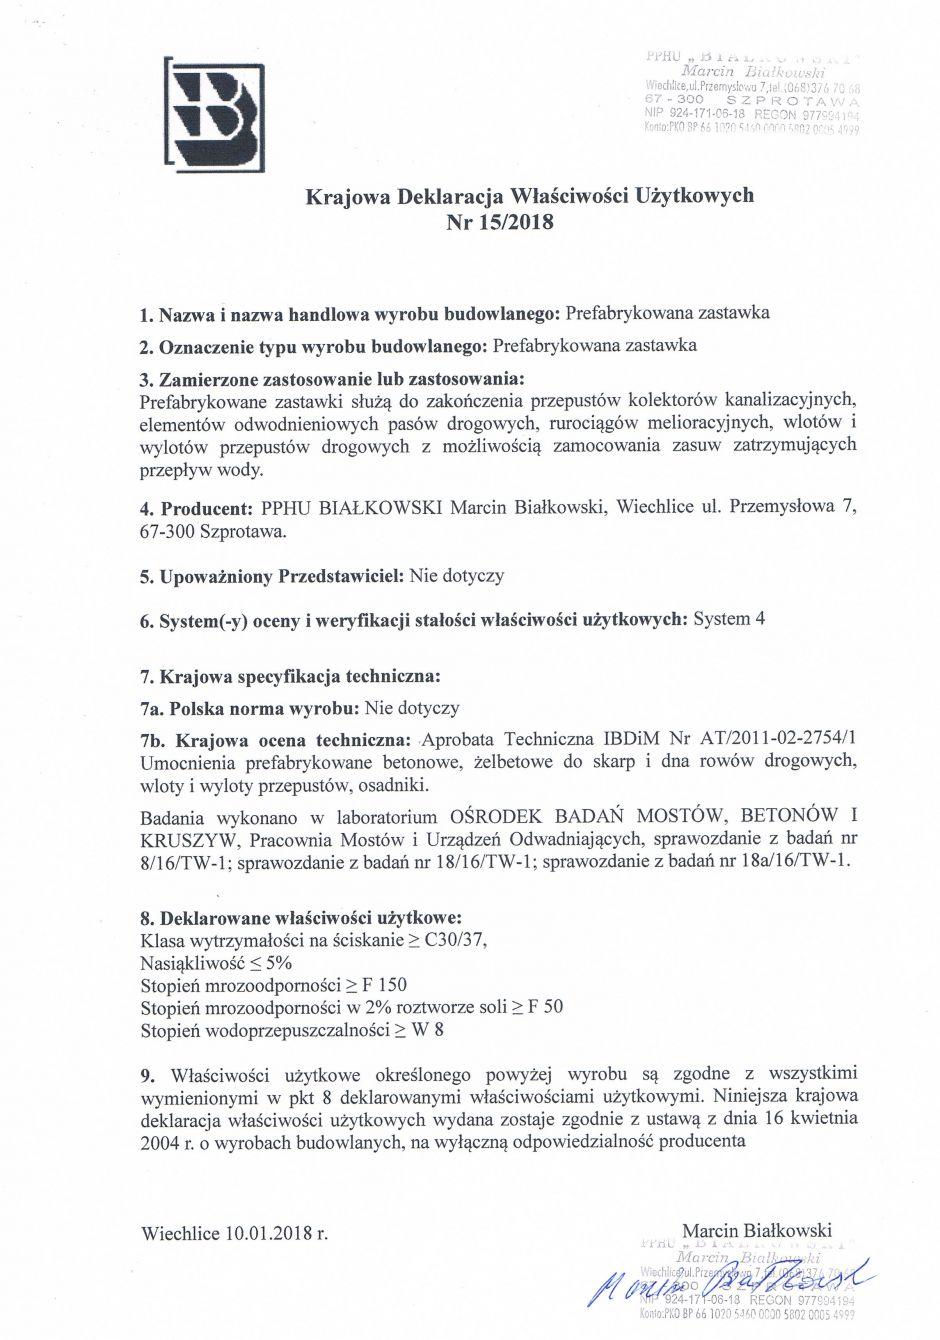 Krajowa Deklaracja Właściwości Użytkowych Nr 15/2018